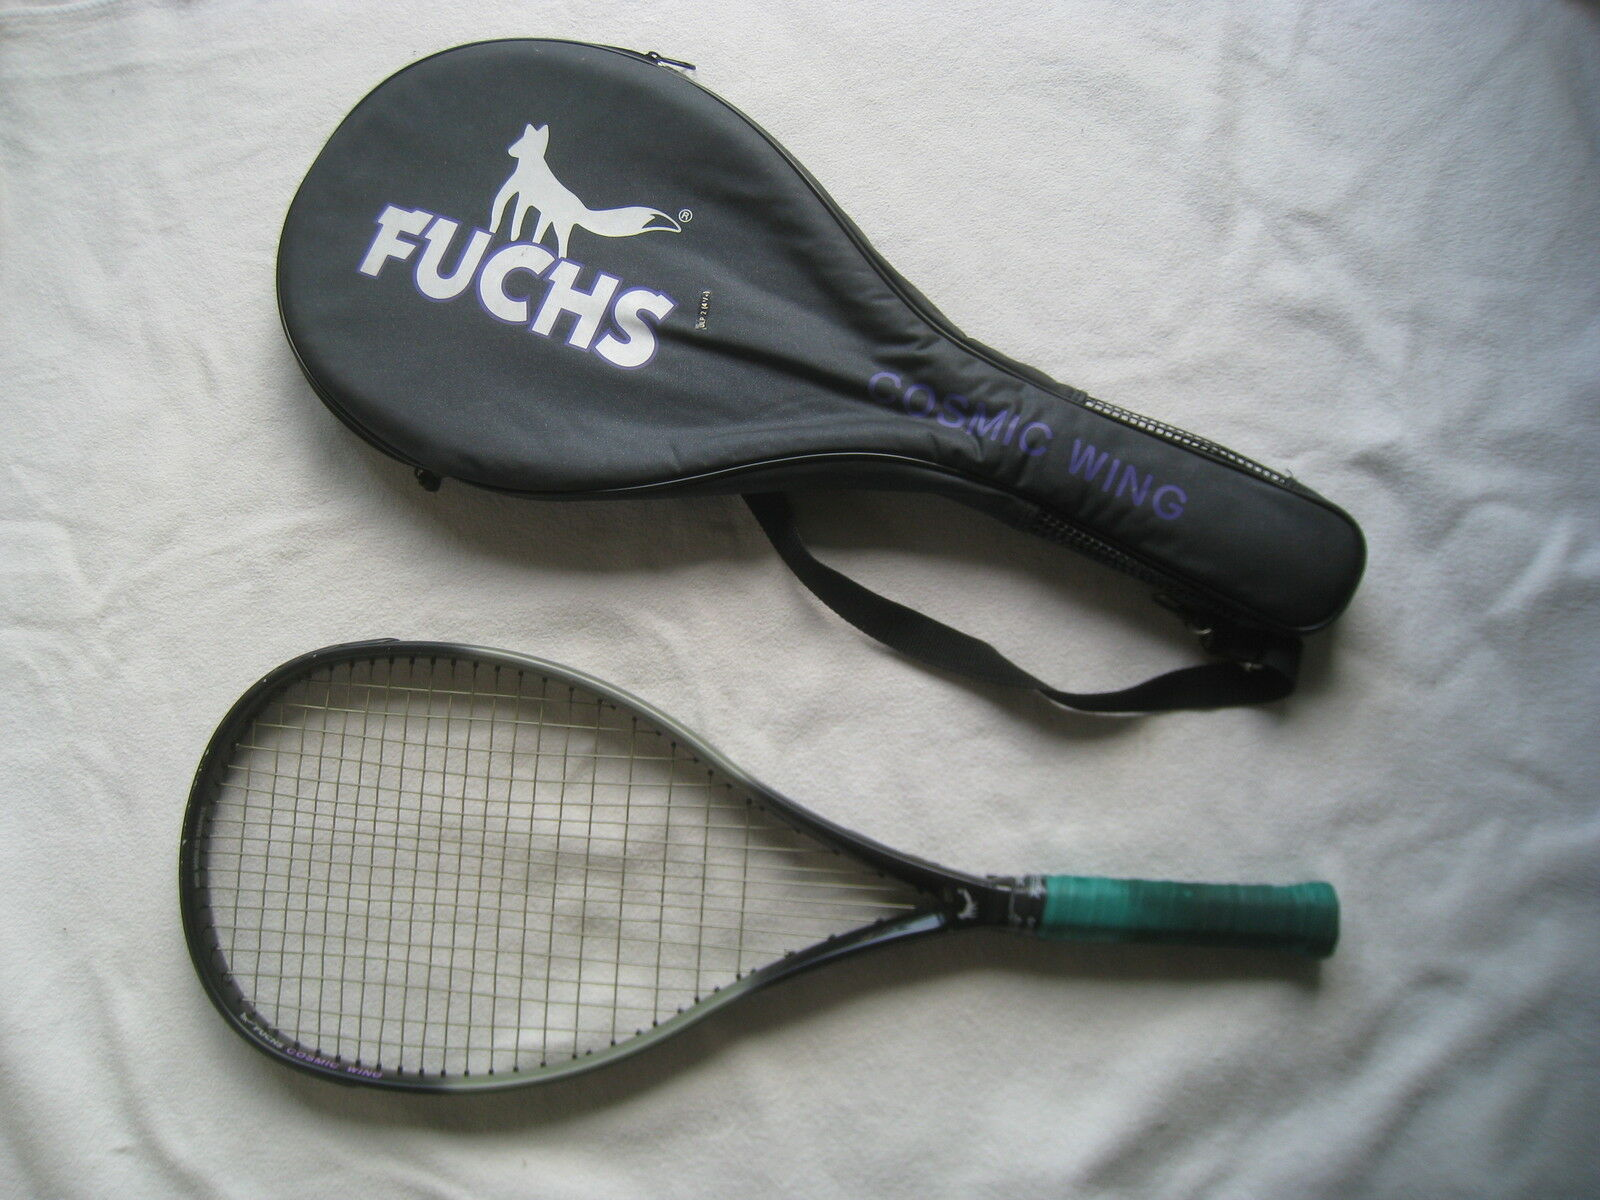 Fuchs Cosmic Wing High Modulus Graphite     - Tennis Badmington Schläger dbaf46